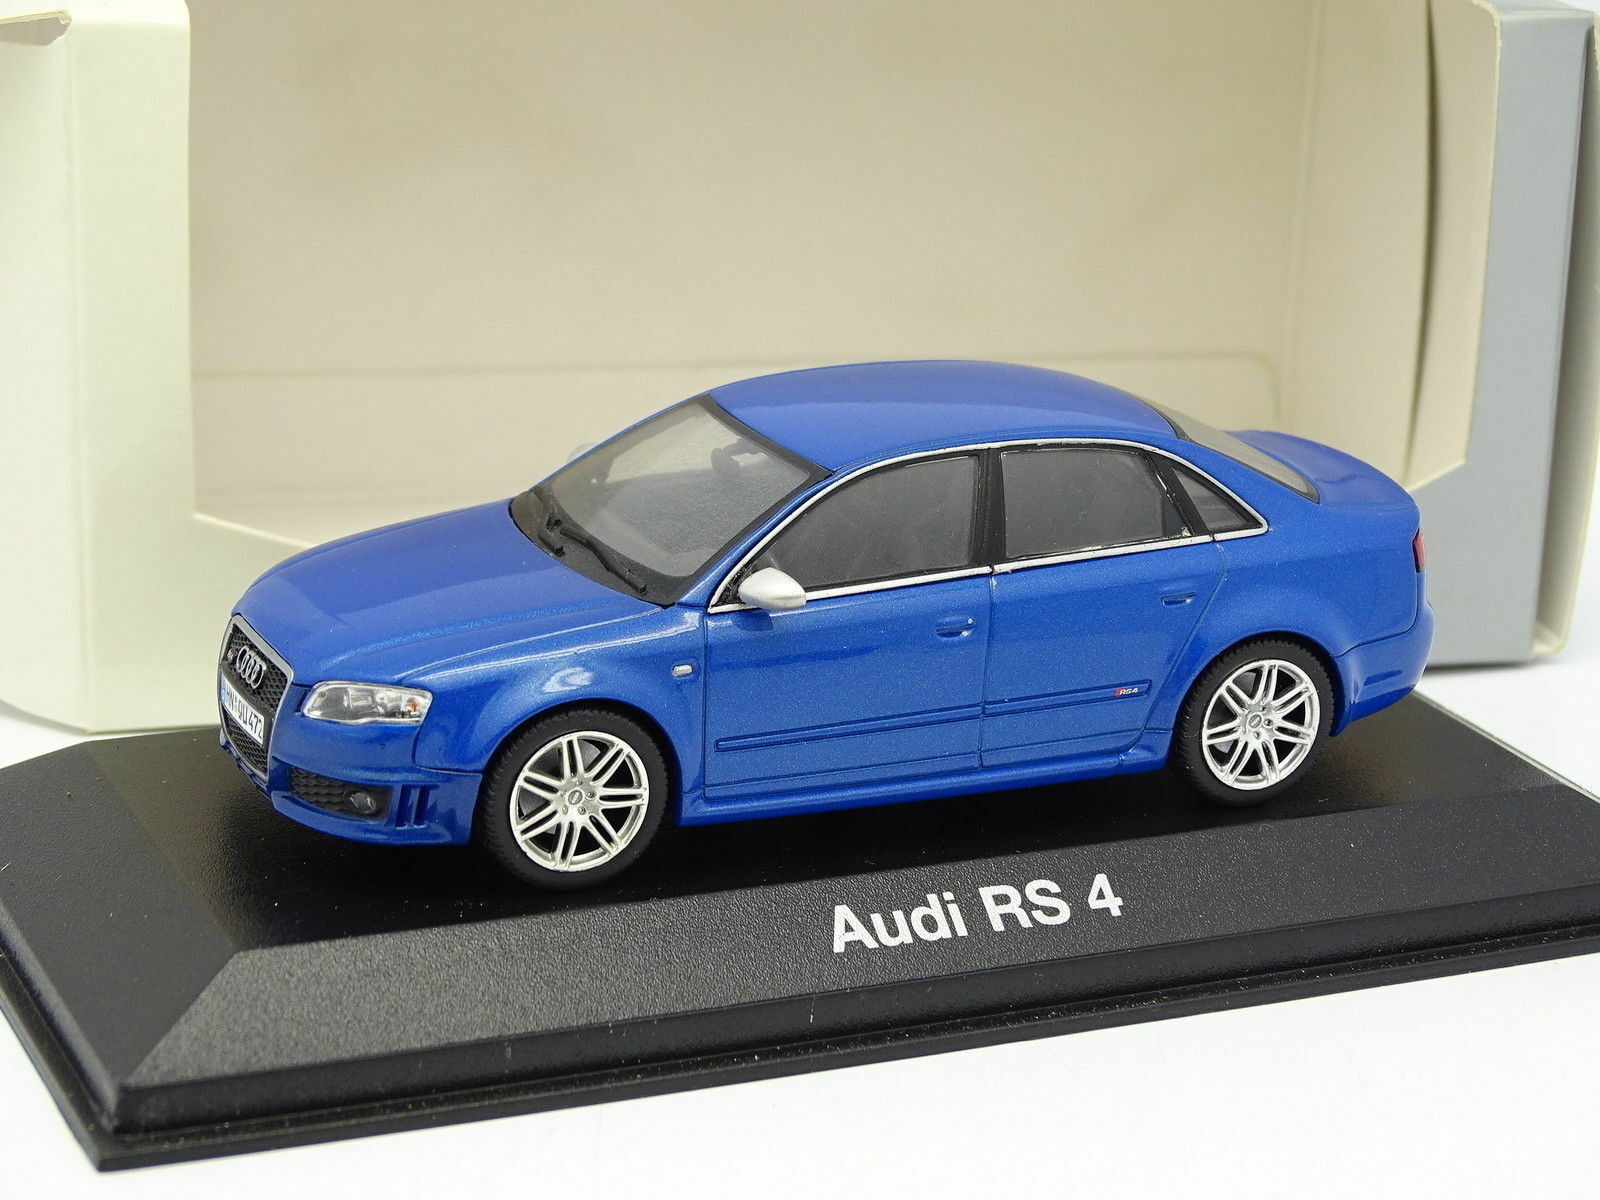 AUDI RS4 B7 2005 SEDAN SPRINT blu MINICHAMPS 501.05.091.33  blu blu